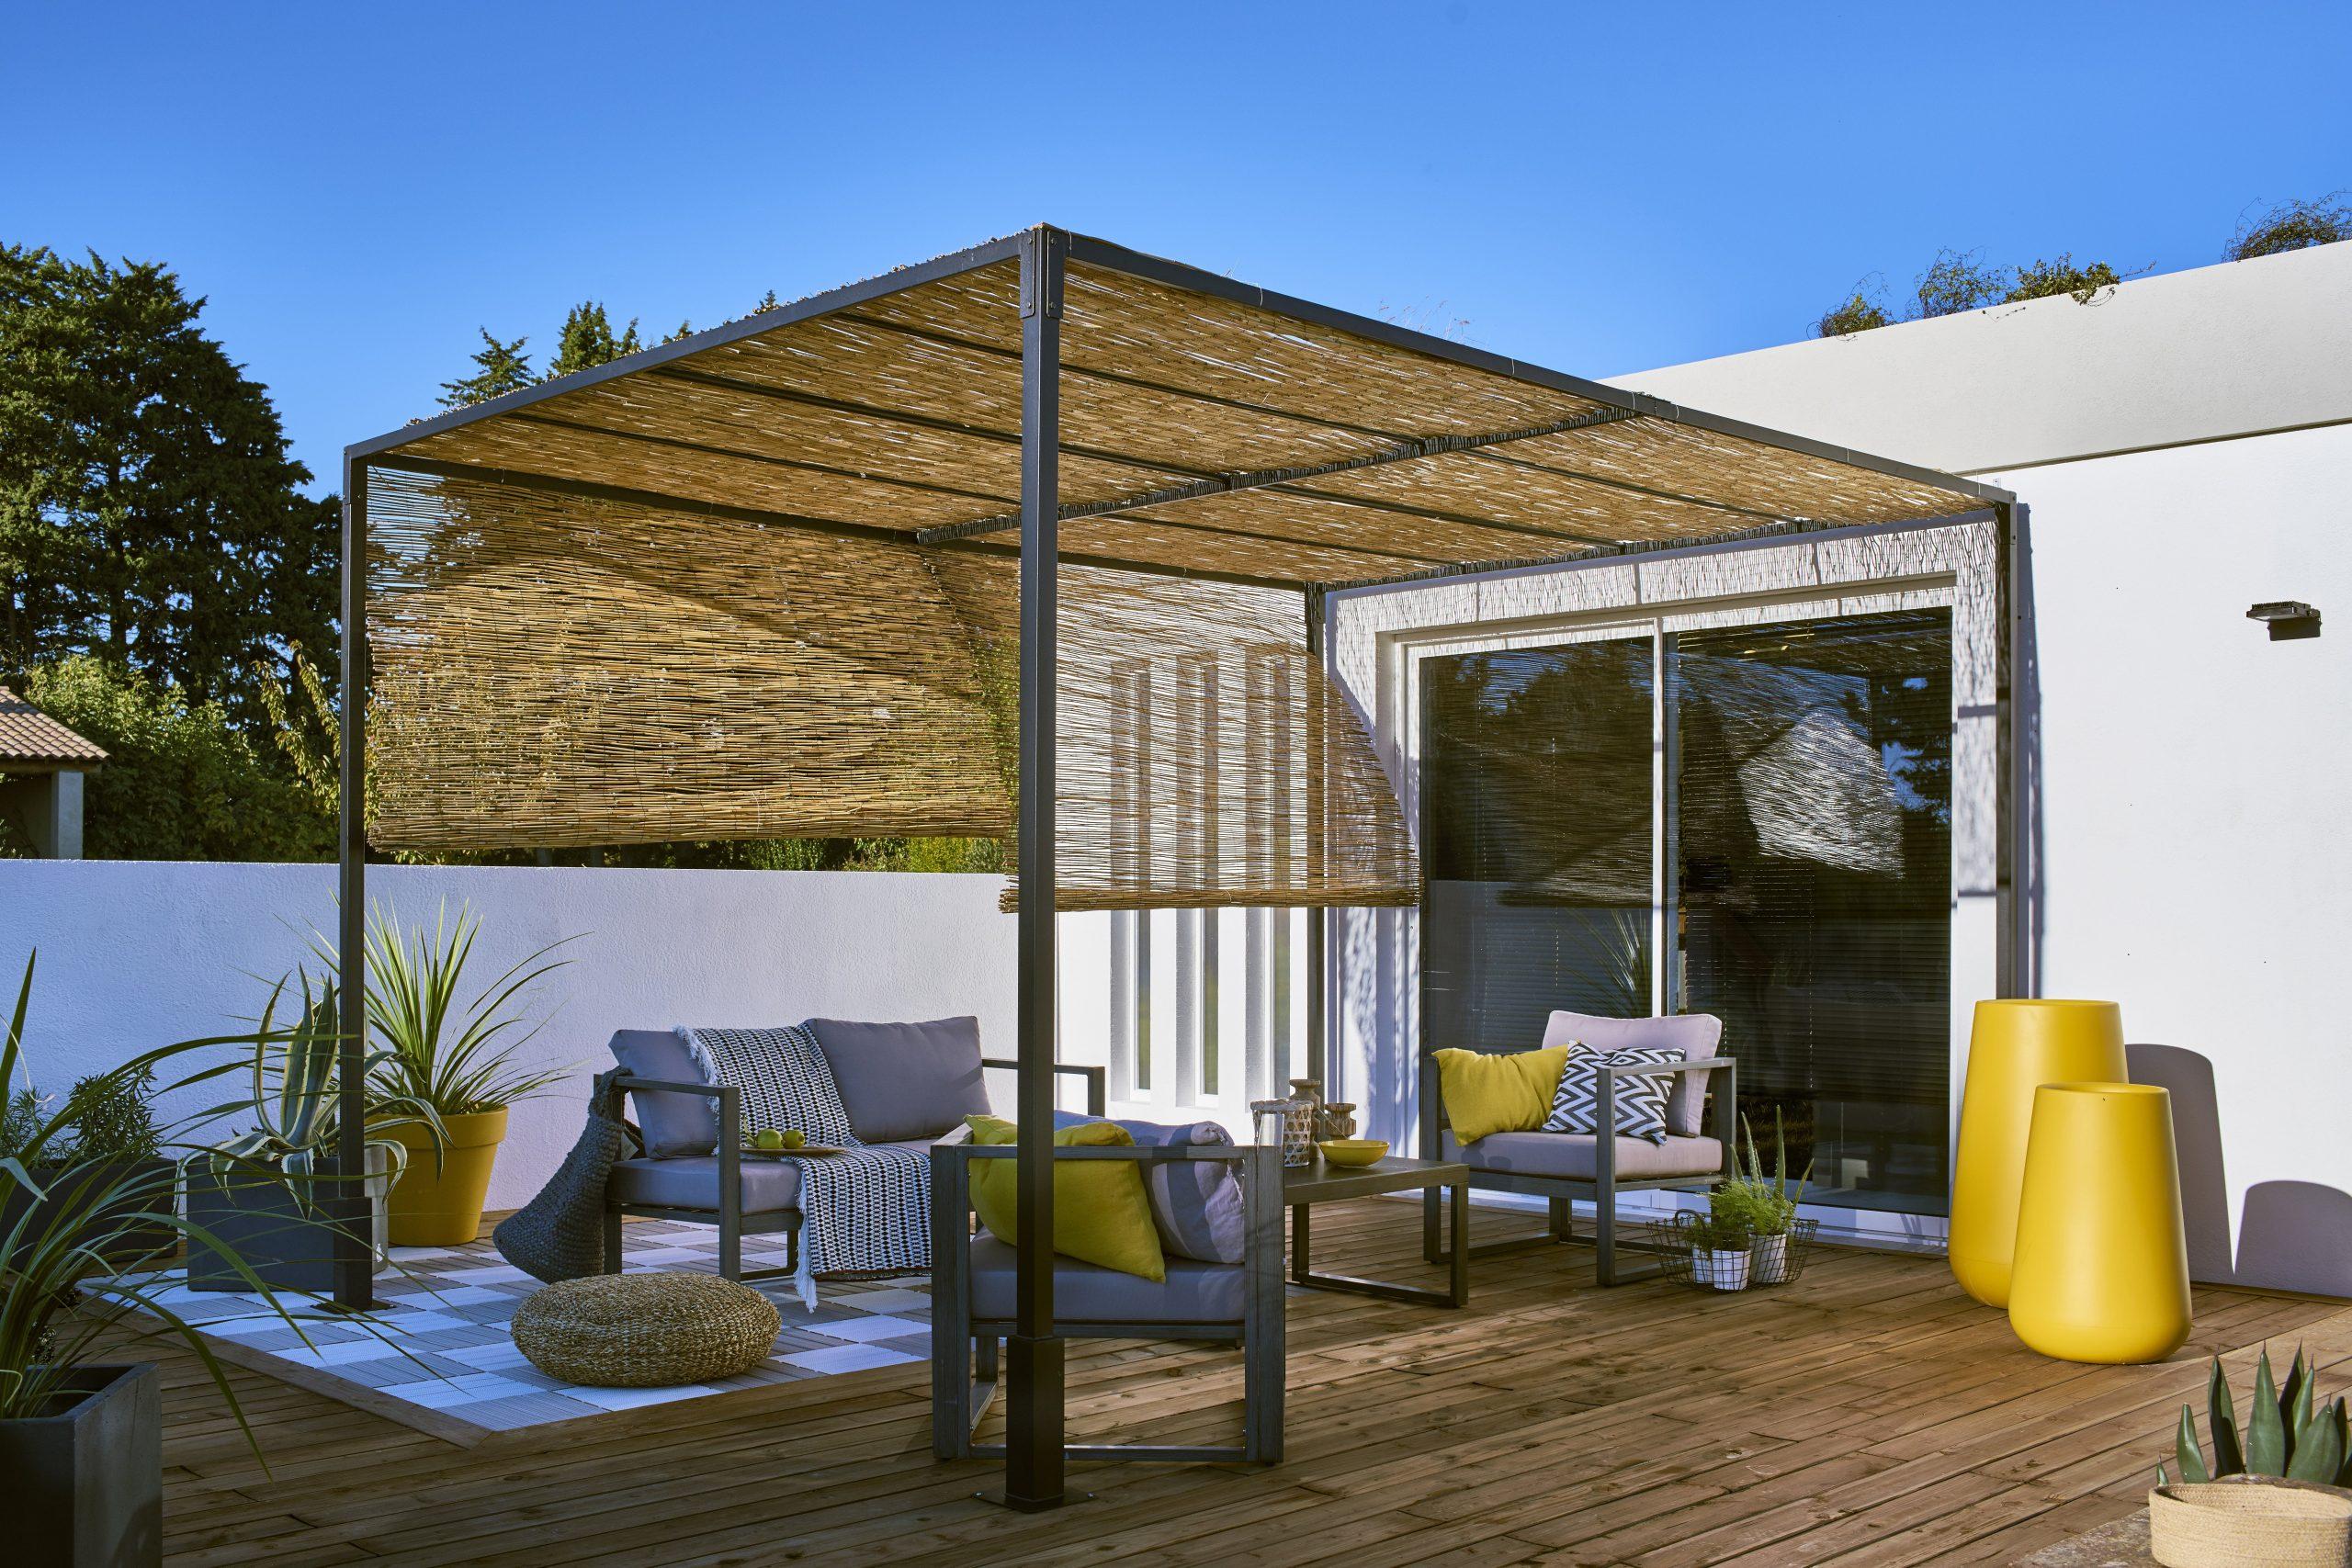 Structure De Tonnelle Autoportante, Acier Noire, 12 M² avec Tonnelle De Jardin Leroy Merlin